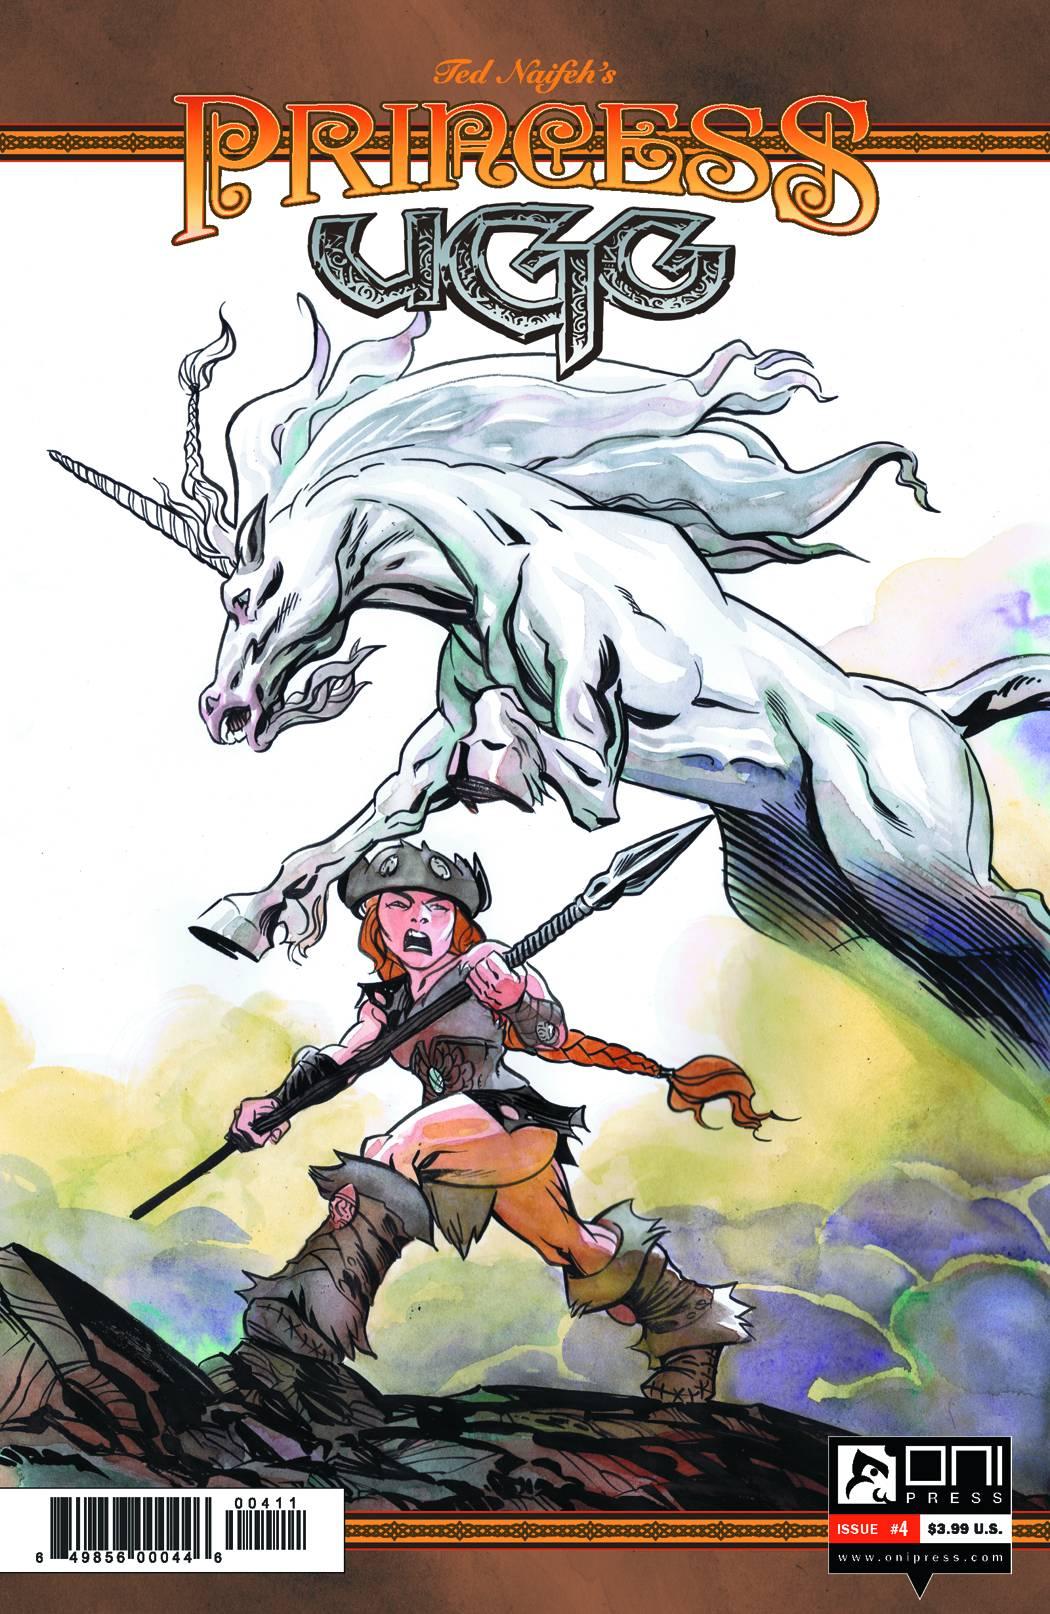 Princess Ugg #4 Cover Art by Ted Naifeh